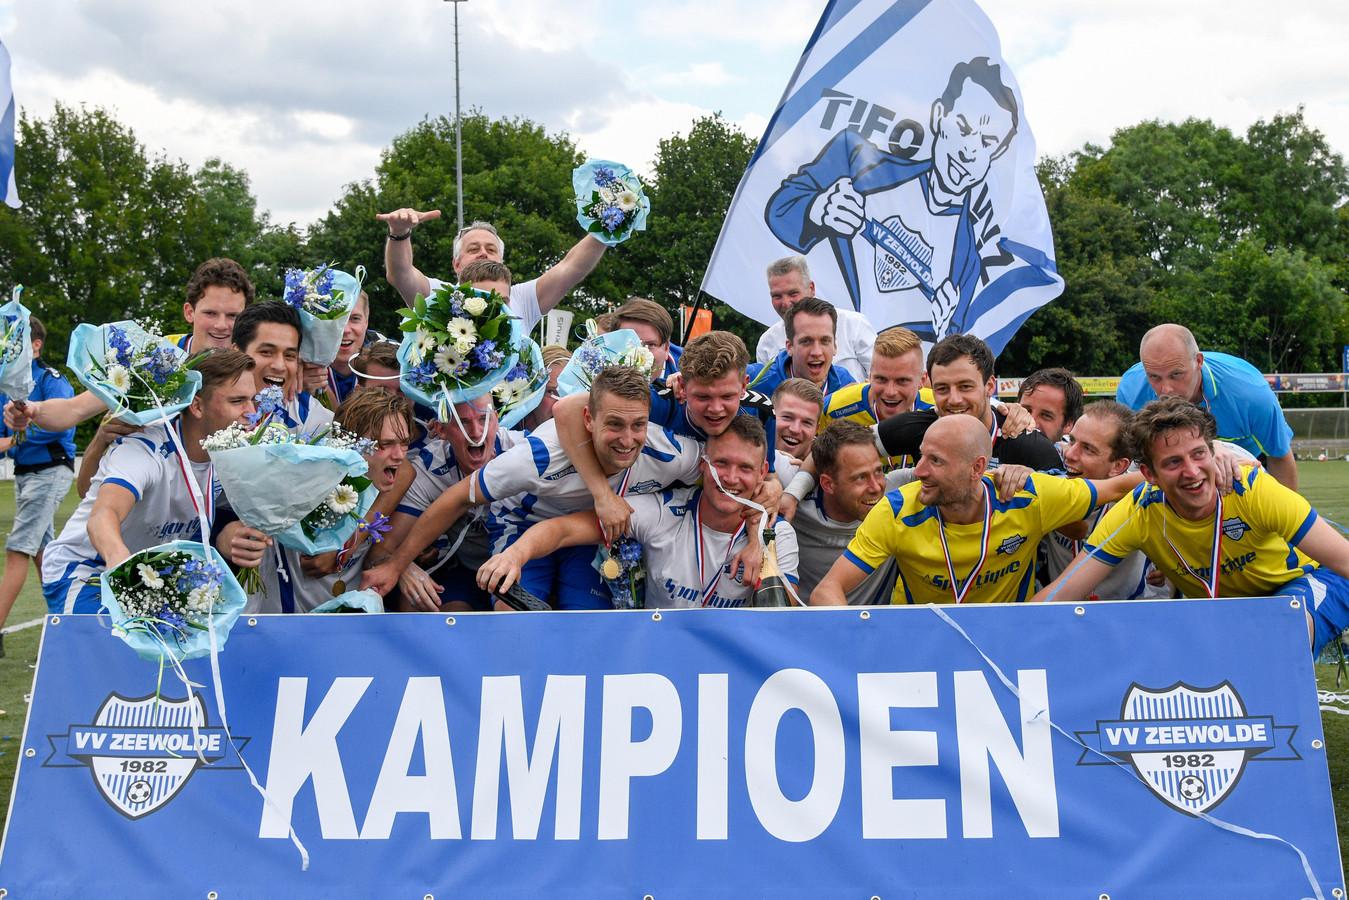 Ronald Hoek werd in 2019 kampioen in de vierde klasse met Zeewolde, de routinier hoopt zijn team komend seizoen nog naar de tweede klasse te leiden.